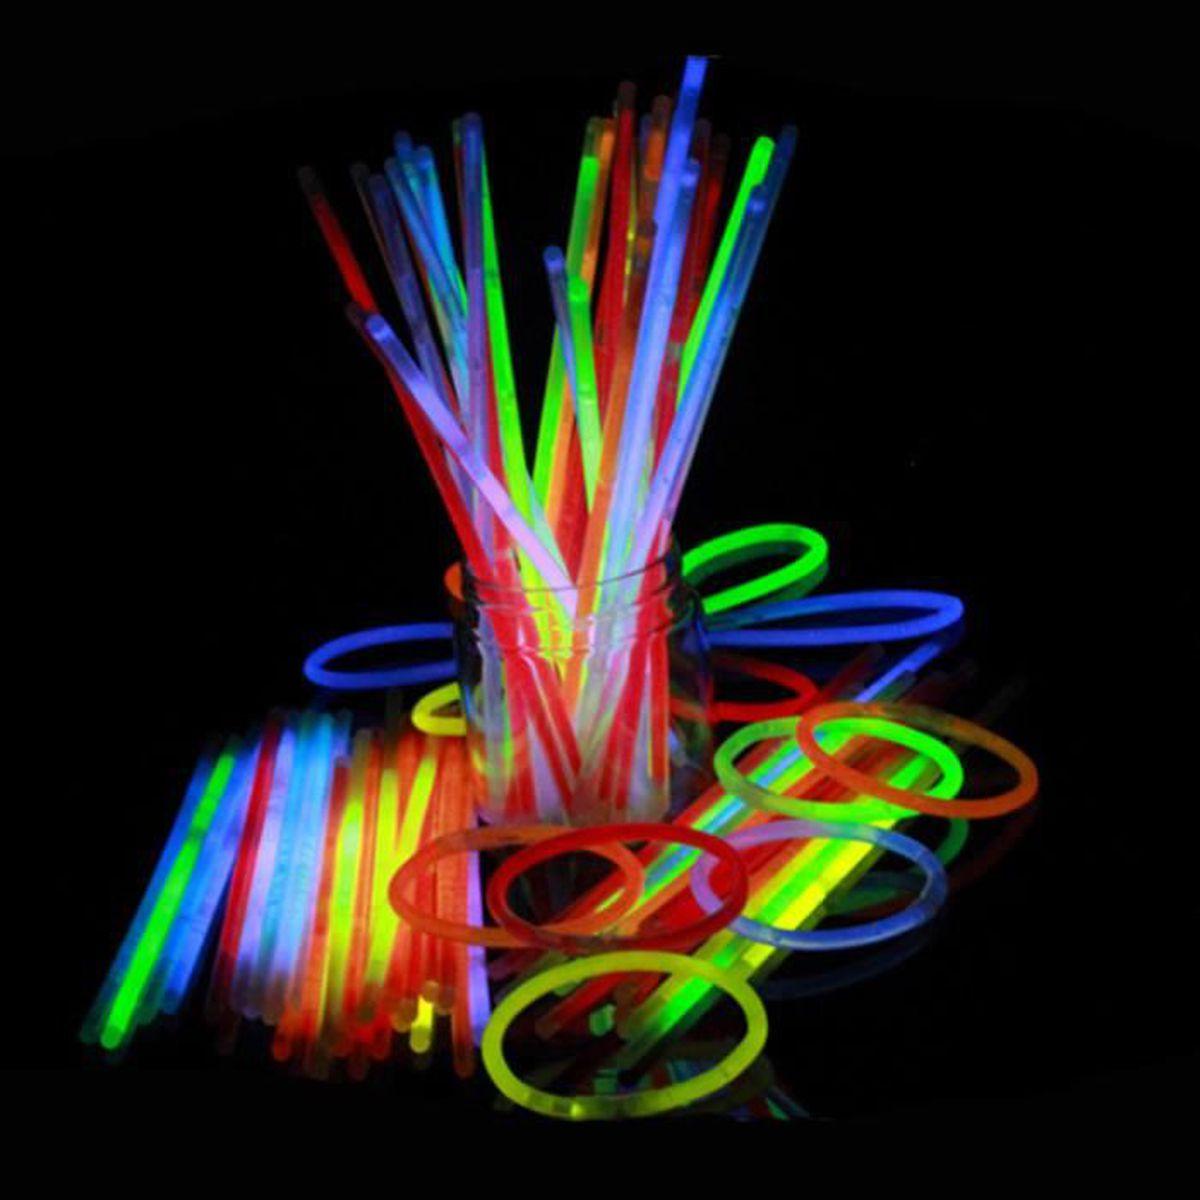 300 Pièce Bâtons Fluorescents Lumineux Fête Avec Connecteurs